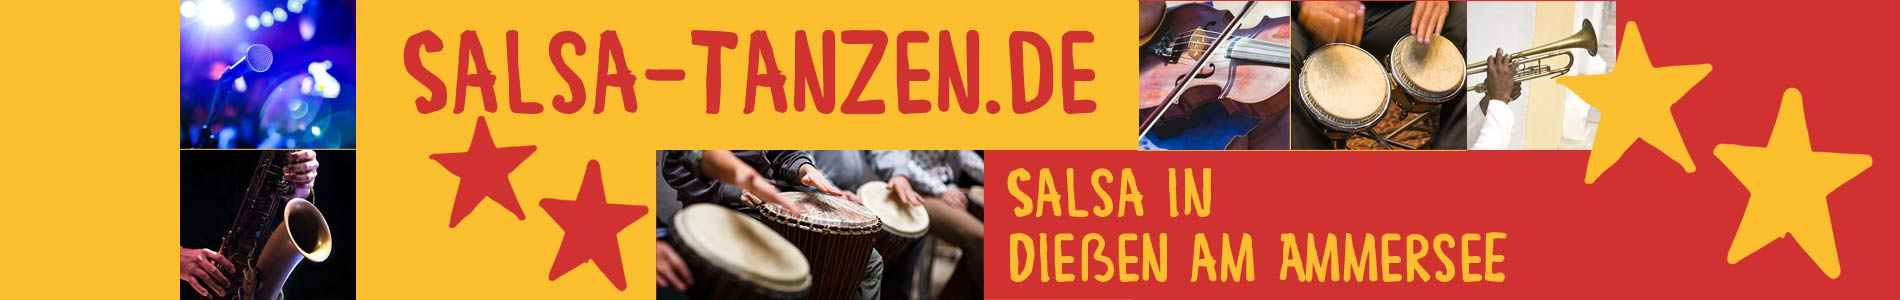 Salsa in Dießen am Ammersee – Salsa lernen und tanzen, Tanzkurse, Partys, Veranstaltungen